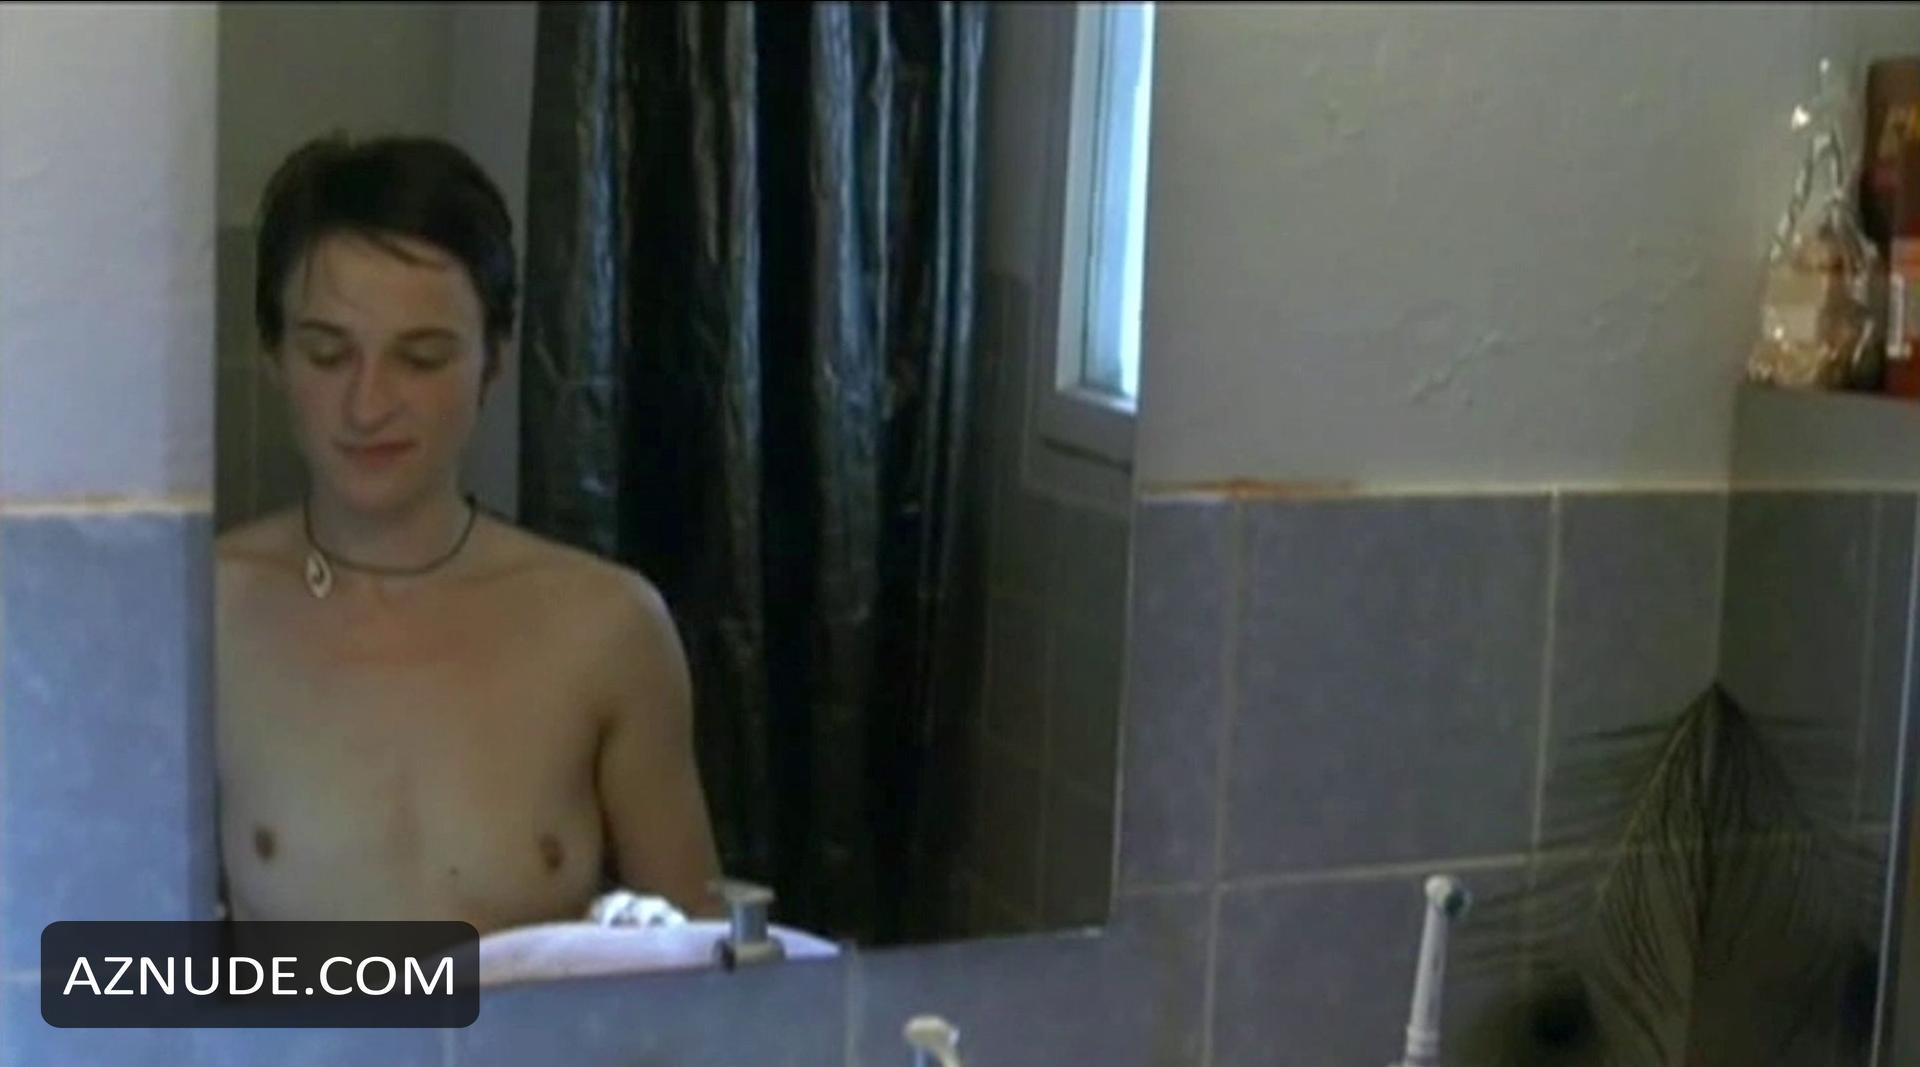 Siebenstein Nackt